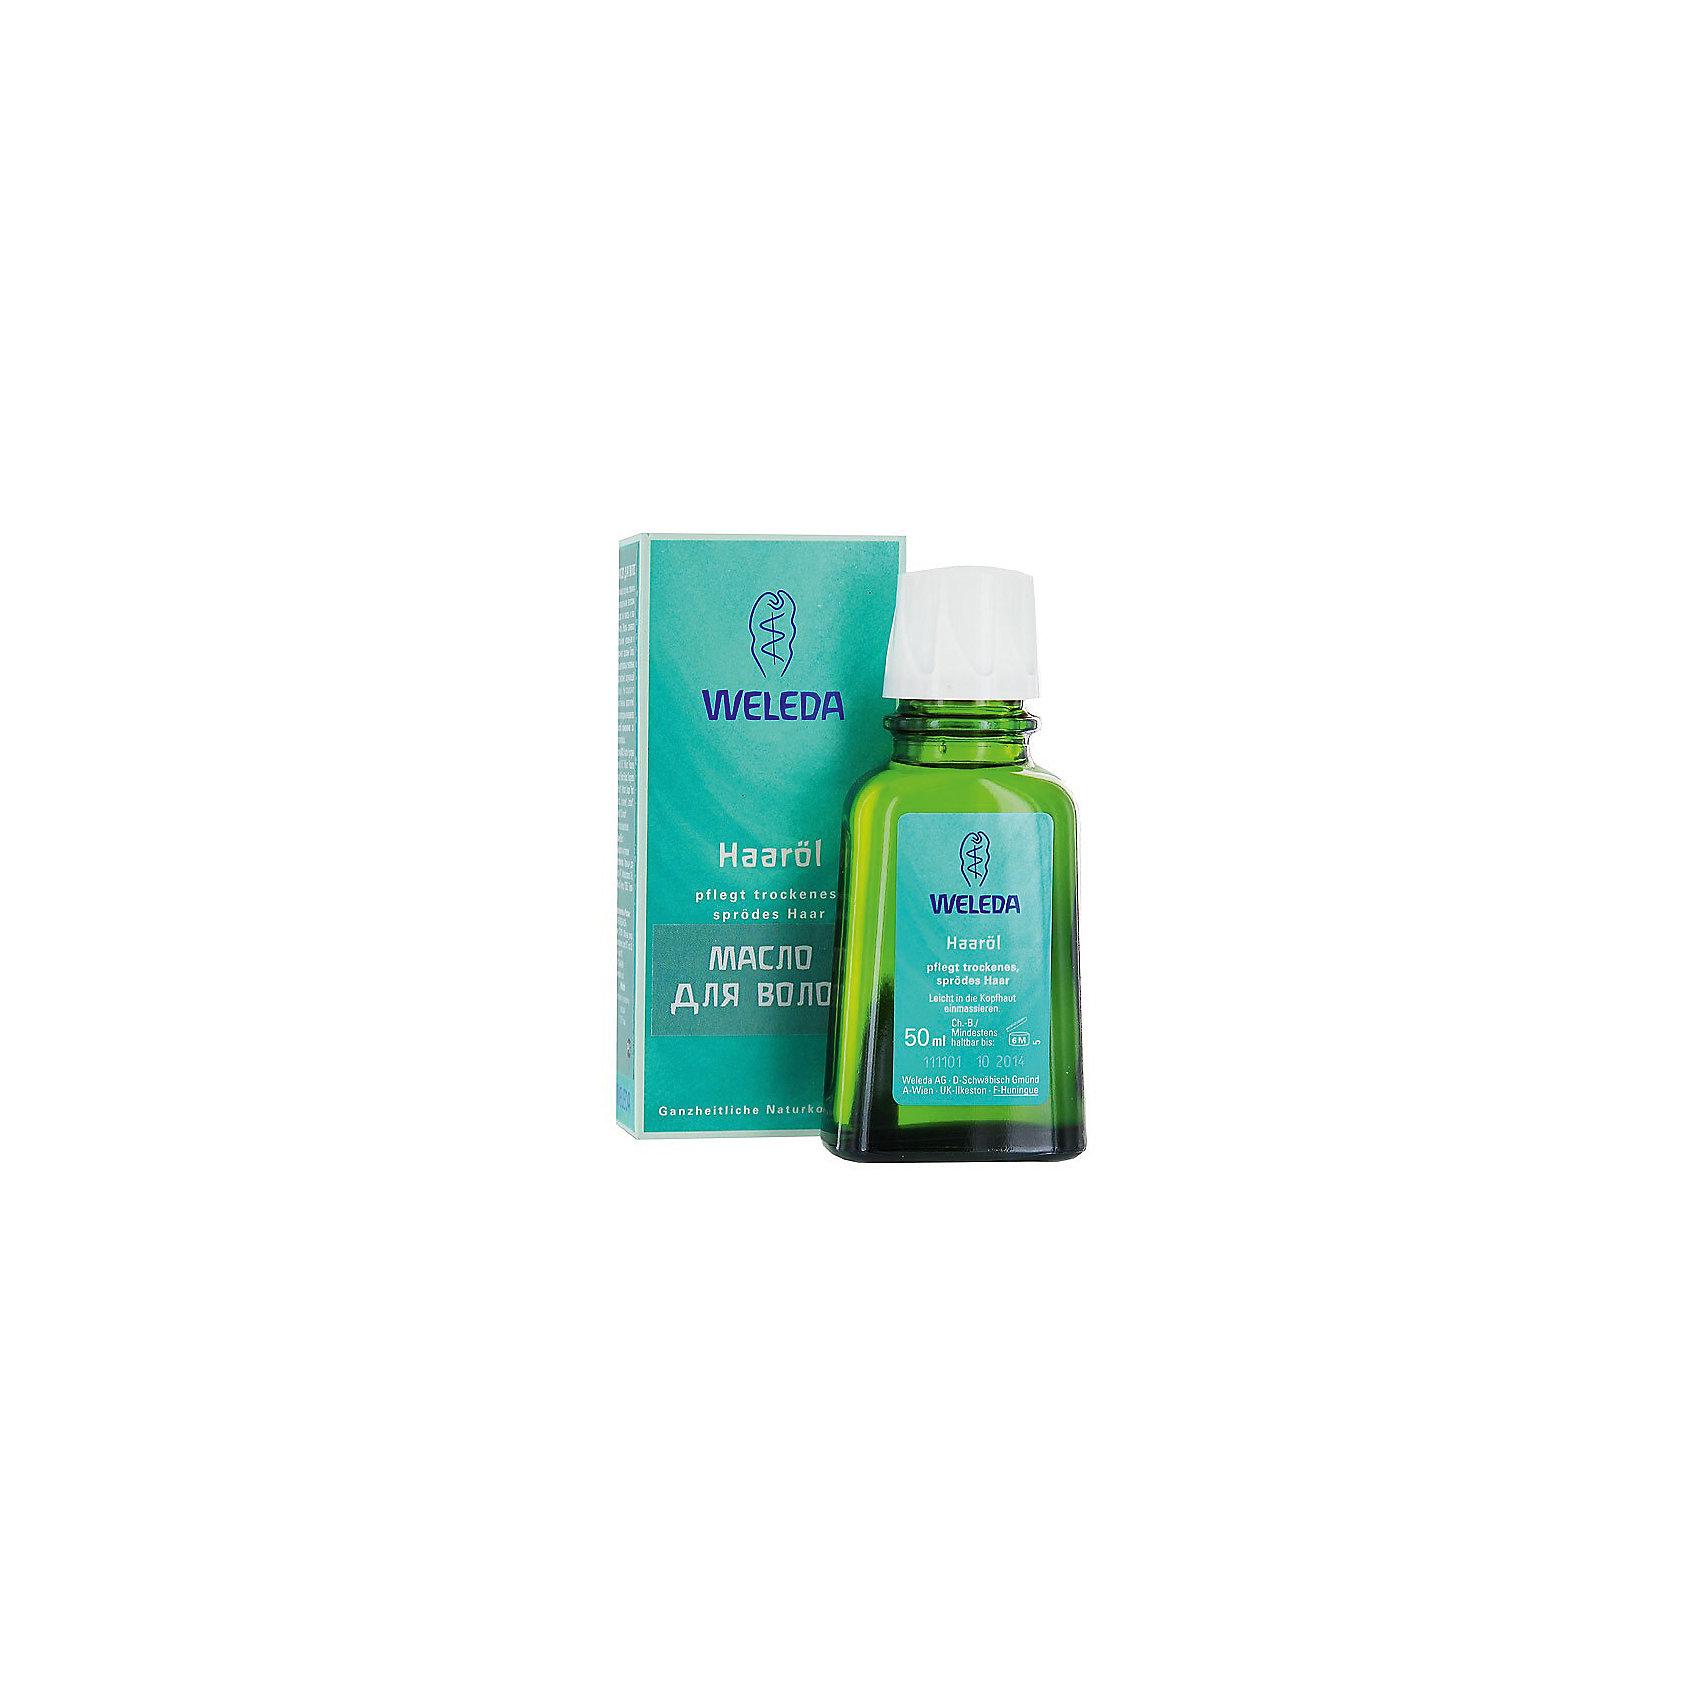 Масло для волос восстановление секущихся концов и уход за кожей головы 50 мл, WeledaМасло, лосьон<br>Заботится и защищает кожу сосков и ареолы от раздражения и трещин во время и после кормления грудью.<br><br>Содержит огранический экстракт календулы, который оказывает противовоспалительное и ранозаживляющее действие. Не требует обязательного смывания при кормлении грудью, поскольку состав крема абсолютно безвреден для ребенка. Обладает нейтральным вкусом и запахом.<br><br> <br><br>без консервантов <br>без красителей <br>не содержит отдушек <br>не содержит ПЭГ <br>не используется сырье животного происхождения<br>в составе нет компонент на основе минеральных масел<br>96 % всех ингредиентов органические. COSMOS ORGANIC сертификат требует 20 % всех ингредиентов (в том числе вода и минералы) были органическими<br> <br><br>Если более 95% всех ингредиентов (включая воду и минералы) являются органическими, то продукт можно назвать органическим<br><br> <br><br>Состав<br><br>Растительное масло из семян рапса*, гидрогенизирован-ное растительное масло, экстракт цветов календулы*, токоферол, масло семян подсолнечника*. * выращены по методам сертифицированного органического земледелия<br><br>Способ применения<br><br>После каждого кормле-ния грудью, просушите кожу соска и ареолы чистой салфеткой и аккуратно нанесите тонкий слой крема. Используйте вкладыши в бюстгальтер, так как необходимо, чтобы кожа сосков оставалась сухой, в том числе и для последующего нанесения крема. Не обязательно смывать крем при очередном кормлении грудью.<br><br>Ширина мм: 250<br>Глубина мм: 100<br>Высота мм: 250<br>Вес г: 50<br>Возраст от месяцев: 216<br>Возраст до месяцев: 1188<br>Пол: Унисекс<br>Возраст: Детский<br>SKU: 5407676